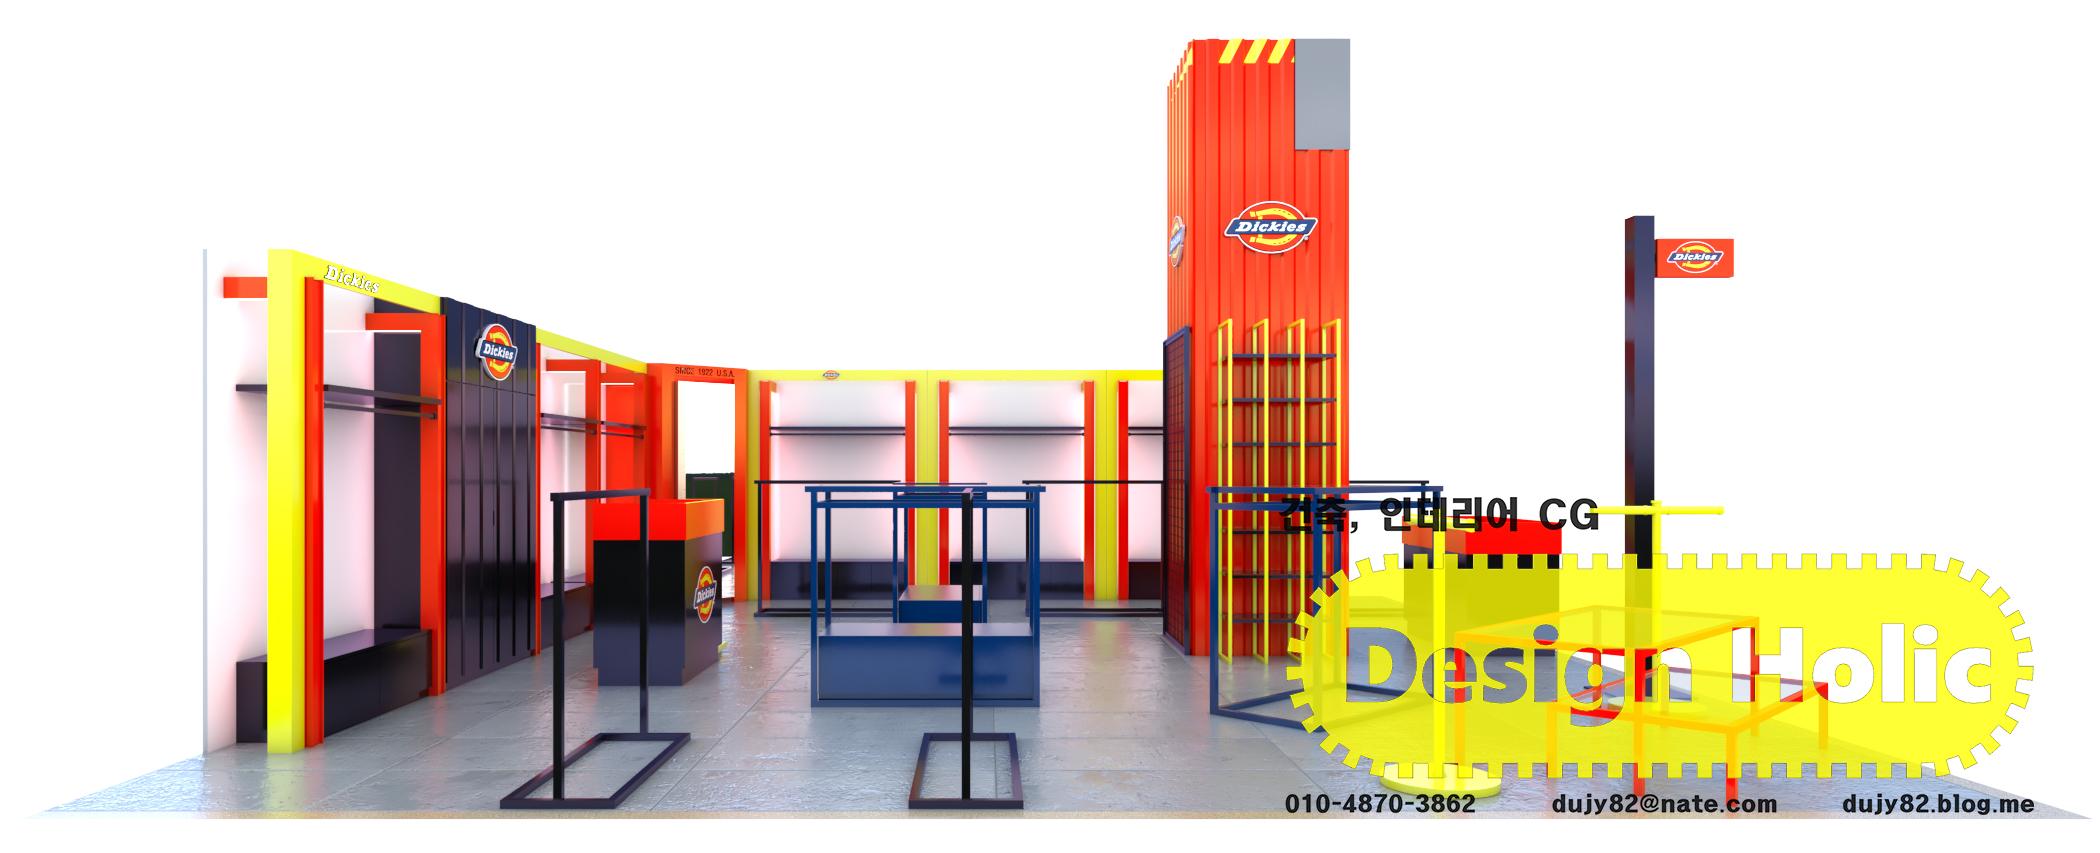 옷매장 디키즈 백화점 인테리어 아일랜드 메뉴얼 3D CG 투시도 조감도 아이소메트릭2.jpg